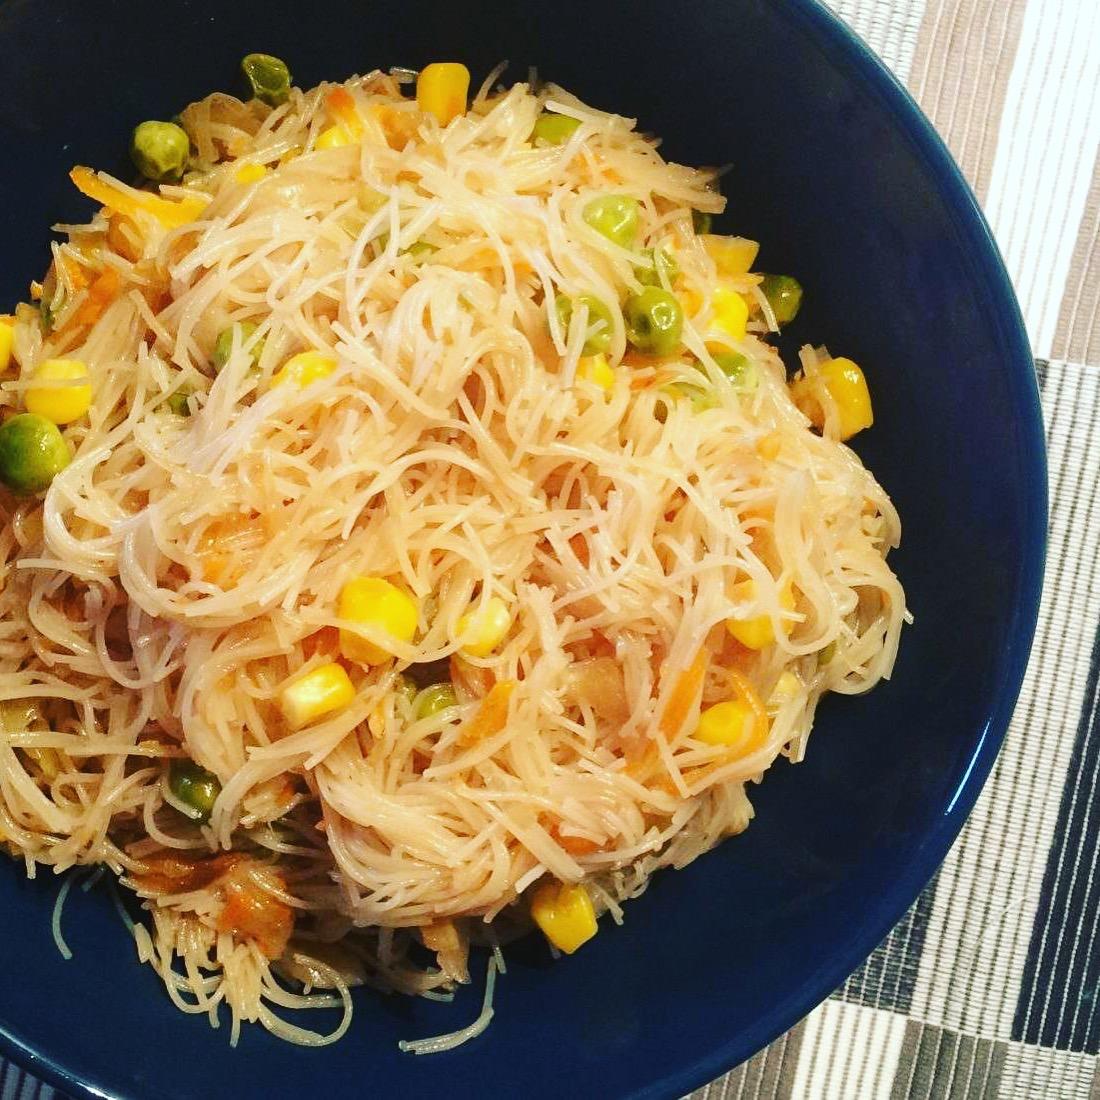 Γλυκόξινα noodles ρυζιού με λαχανικά